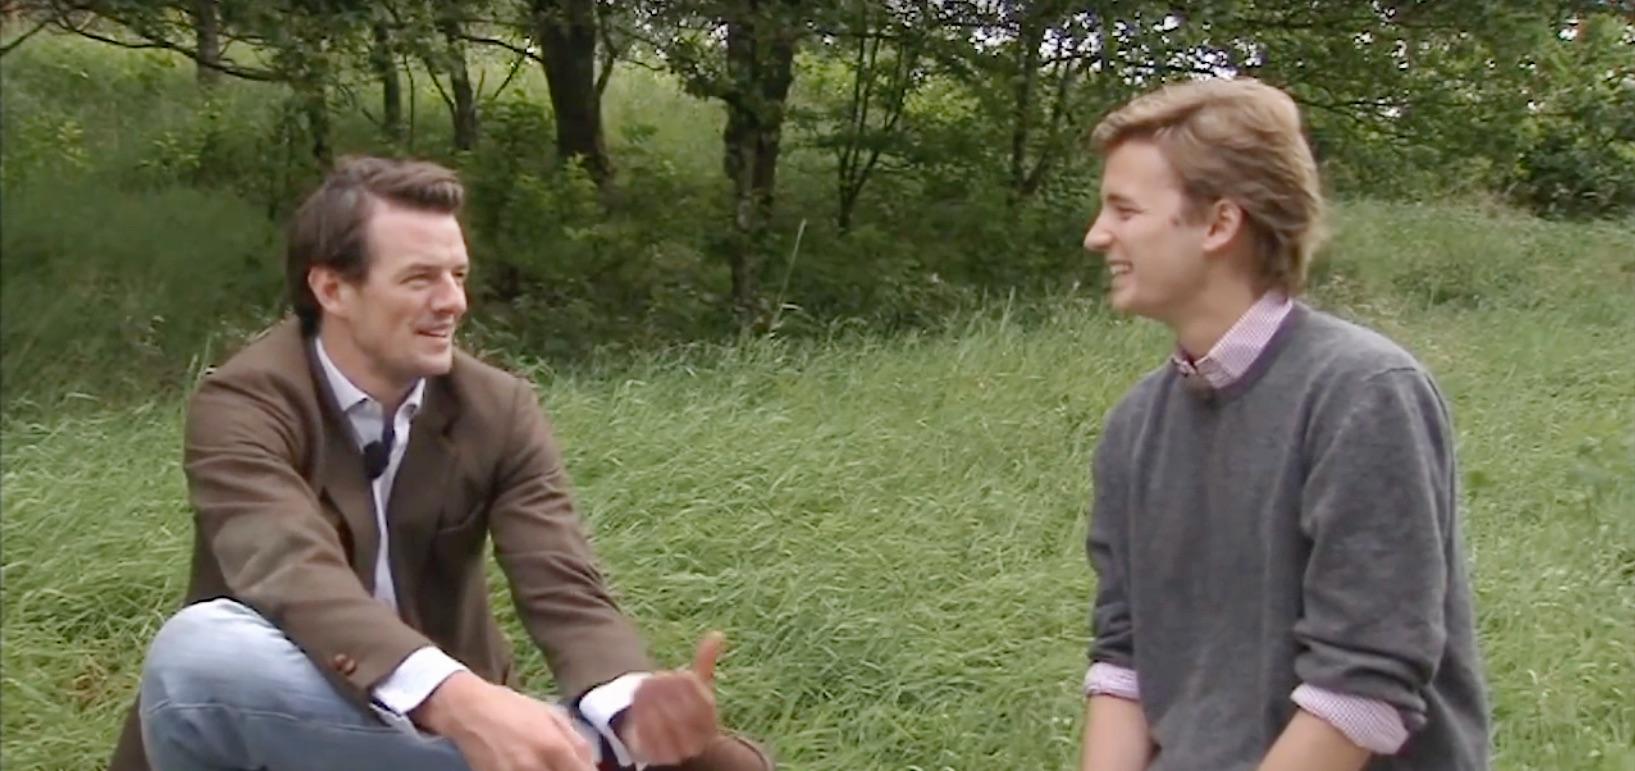 Drückjagd auf Sauen Drückjagdtipps Interview Franz-Albrecht Oettingen